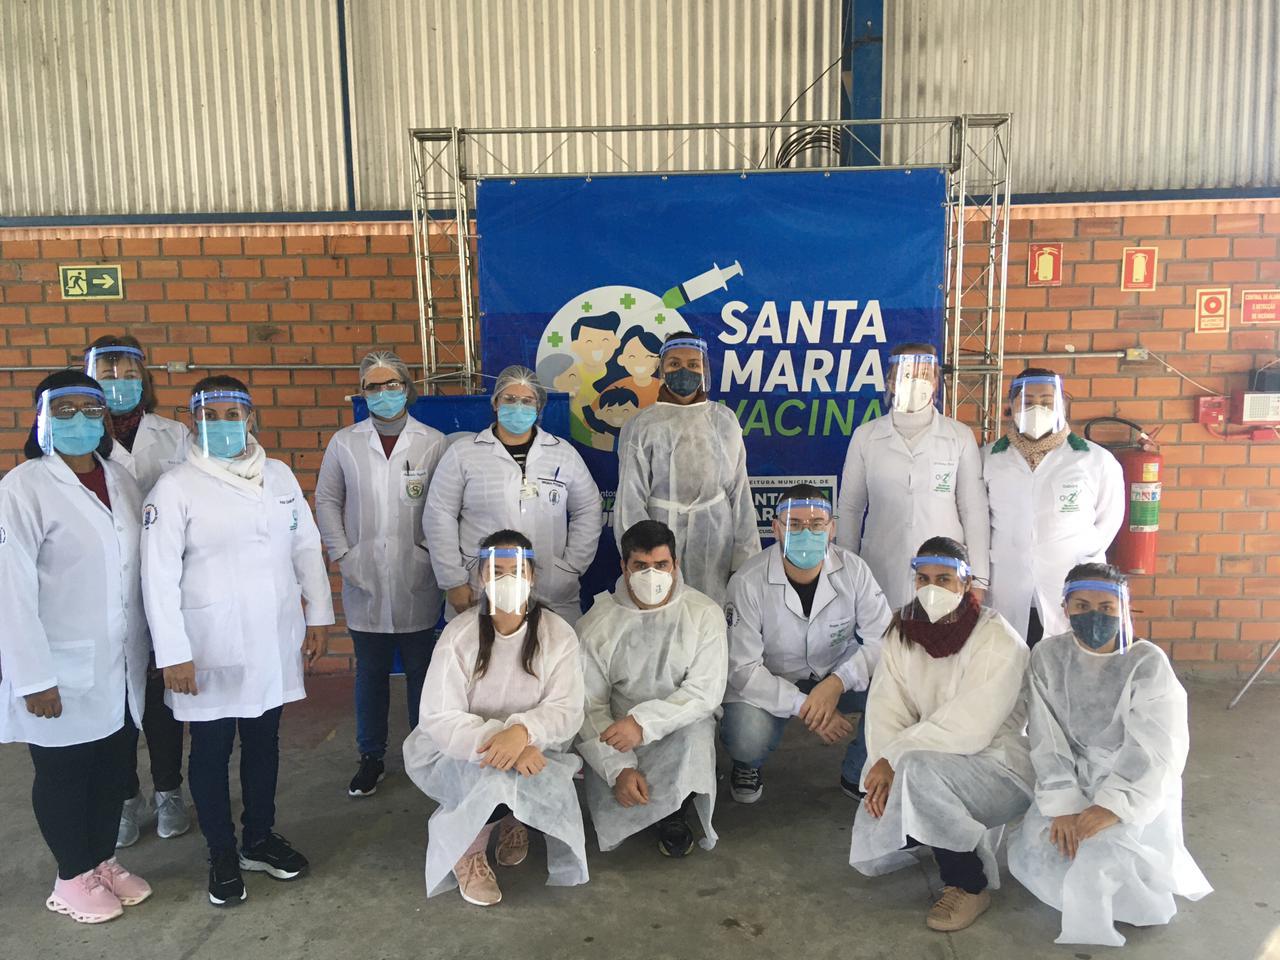 Equipe Politécnico preparada para ações de vacinação (Arquivo pessoal Guilherme Weiss Pinheiro)